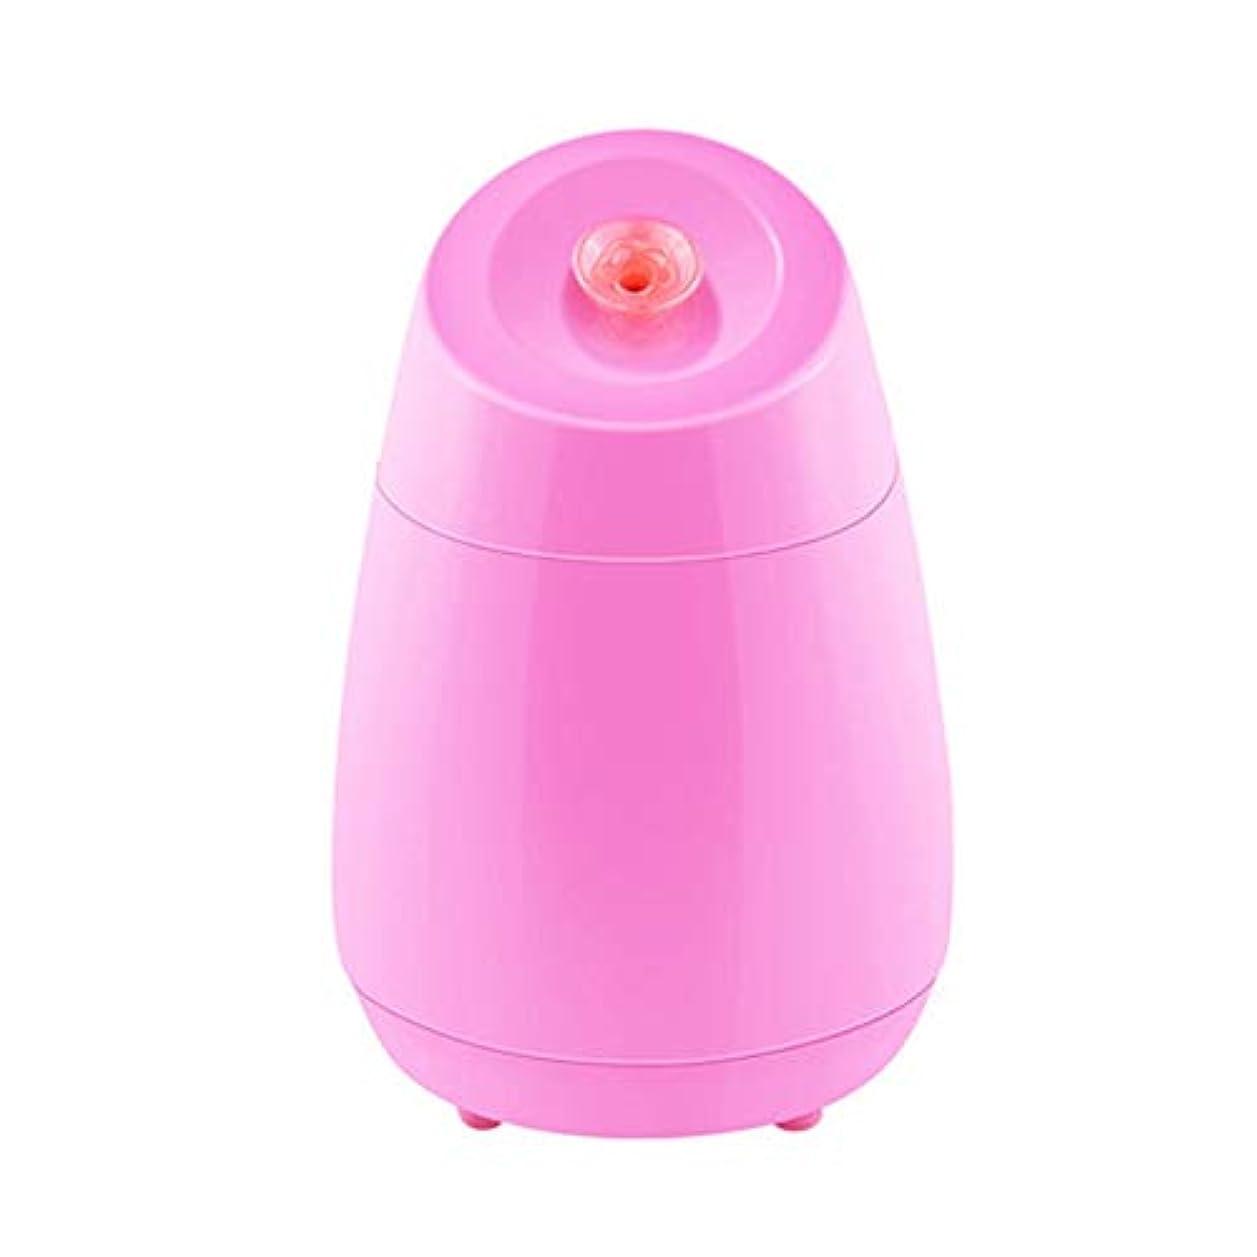 連結するラリードームZXF ナノスプレー水道メーター美容機器ABS材料ホットスプレーフルーツと野菜の蒸し顔ホームフェイシャルフェイシャルフェイスブルーセクションピンク 滑らかである (色 : Pink)